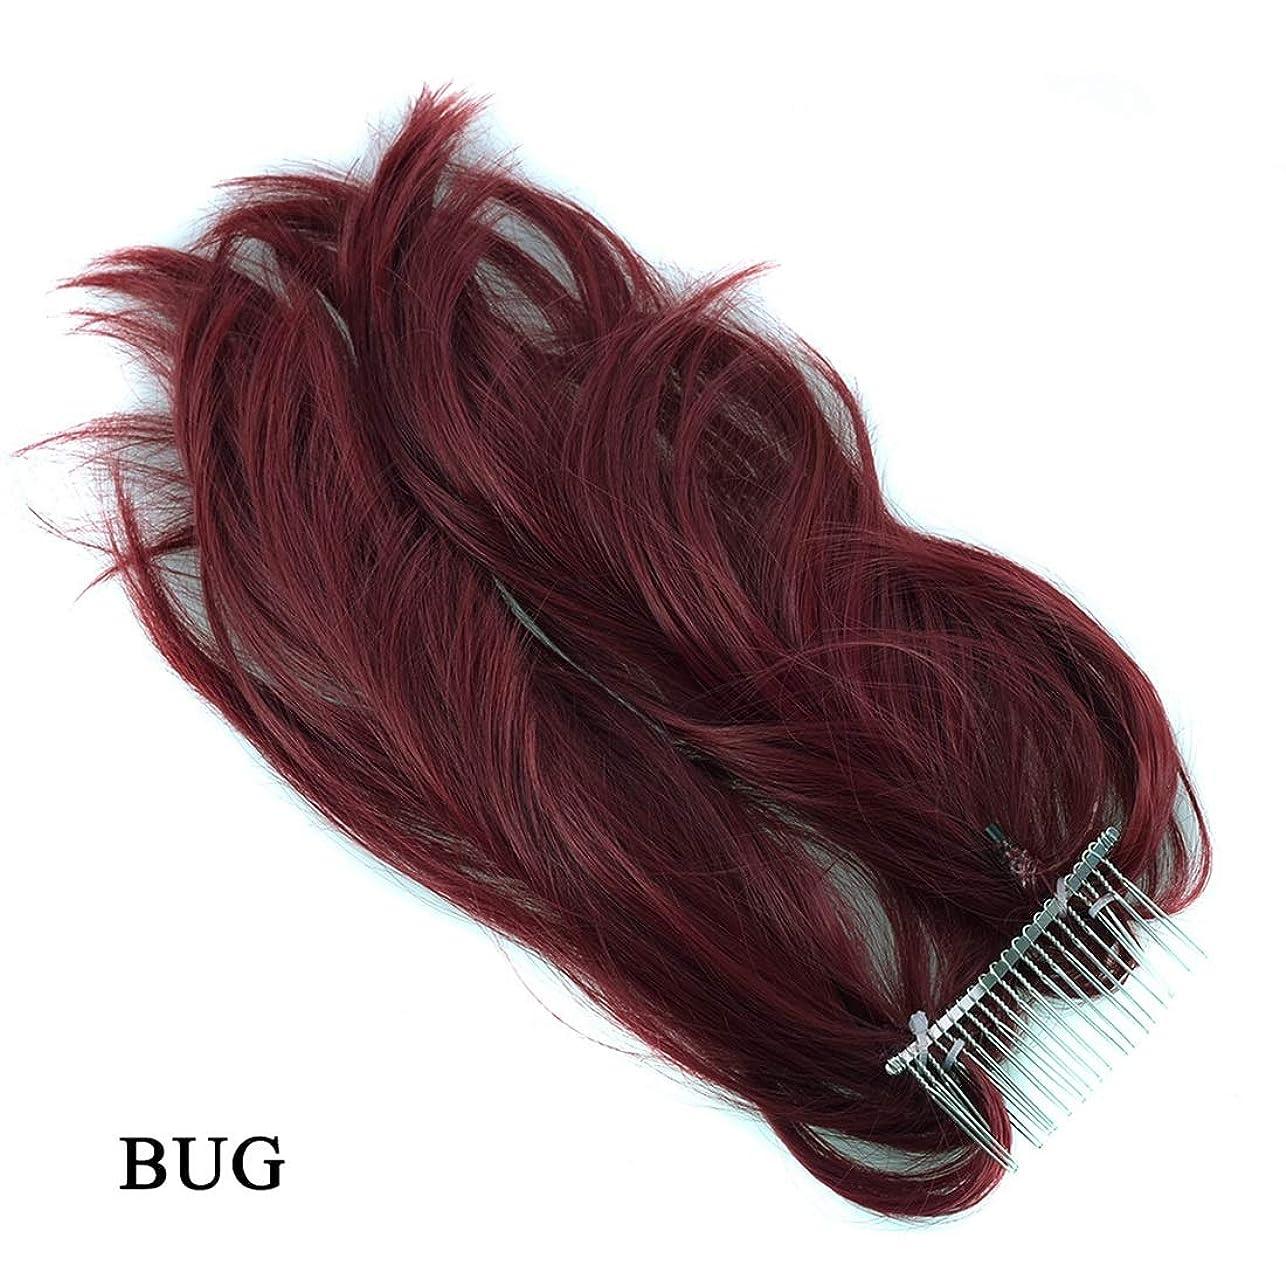 スキップ定期的負JIANFU かつらヘアリング様々な柔軟なポニーテールメタルプラグコムポニーテール化学繊維ヘアエクステンションピース (Color : BUG)